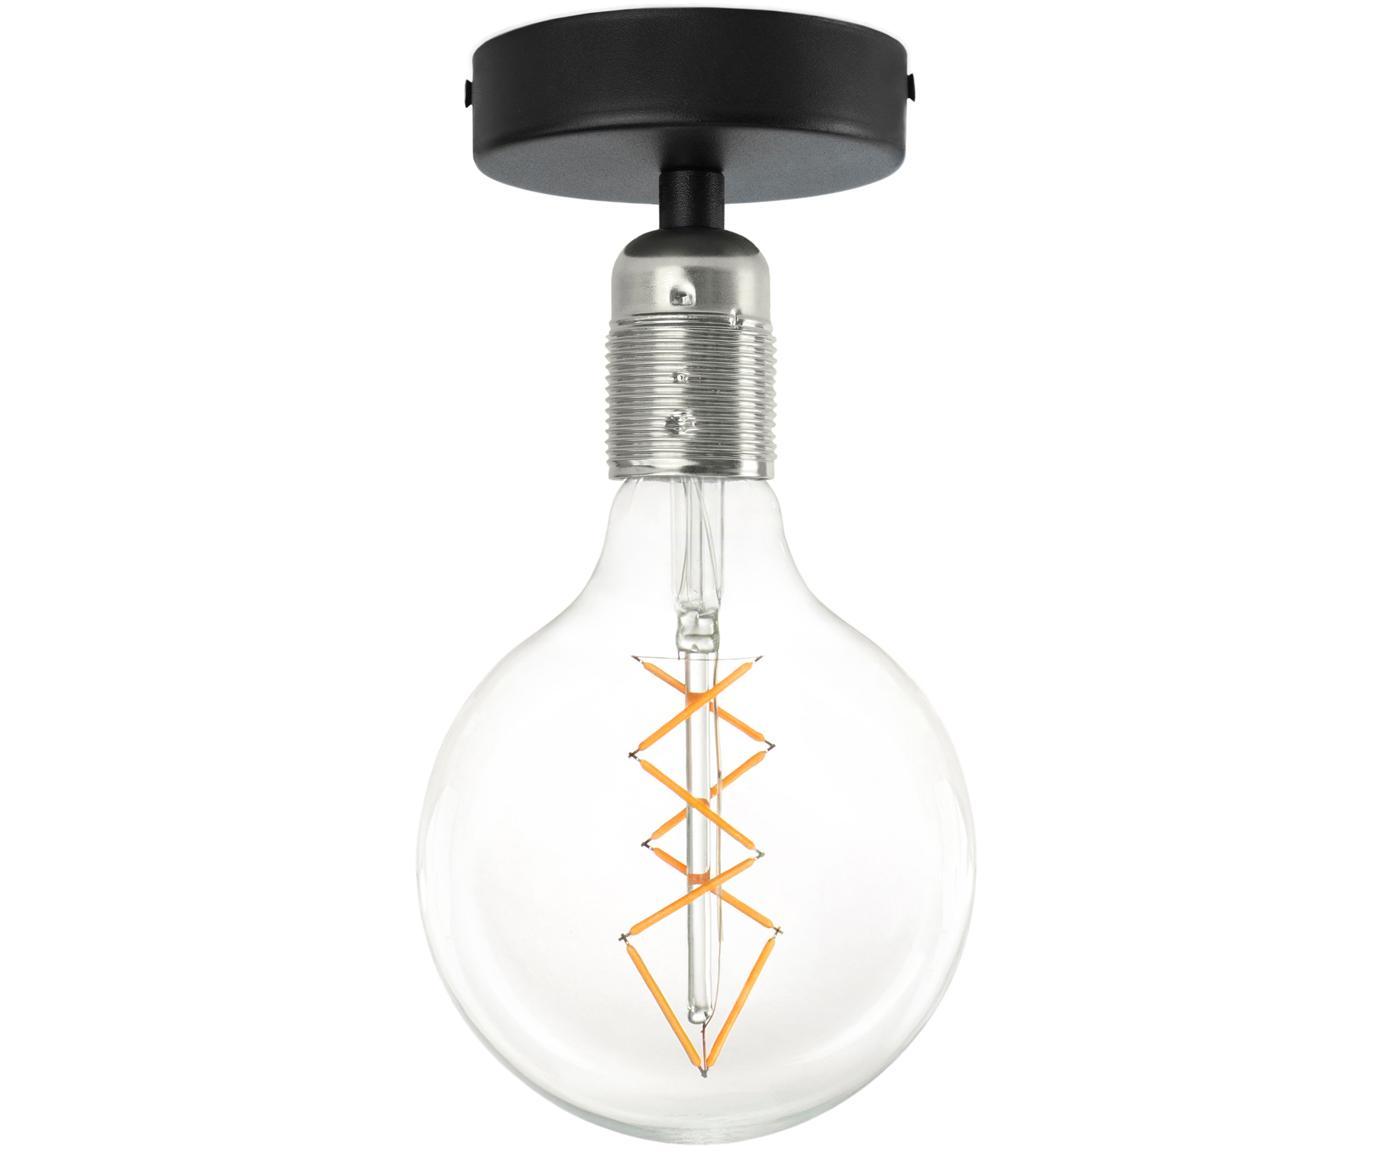 Plafoniera senza lampadina Uno, Baldacchino: metallo verniciato a polv, Nero, nichel, Ø 10 x Alt. 10 cm